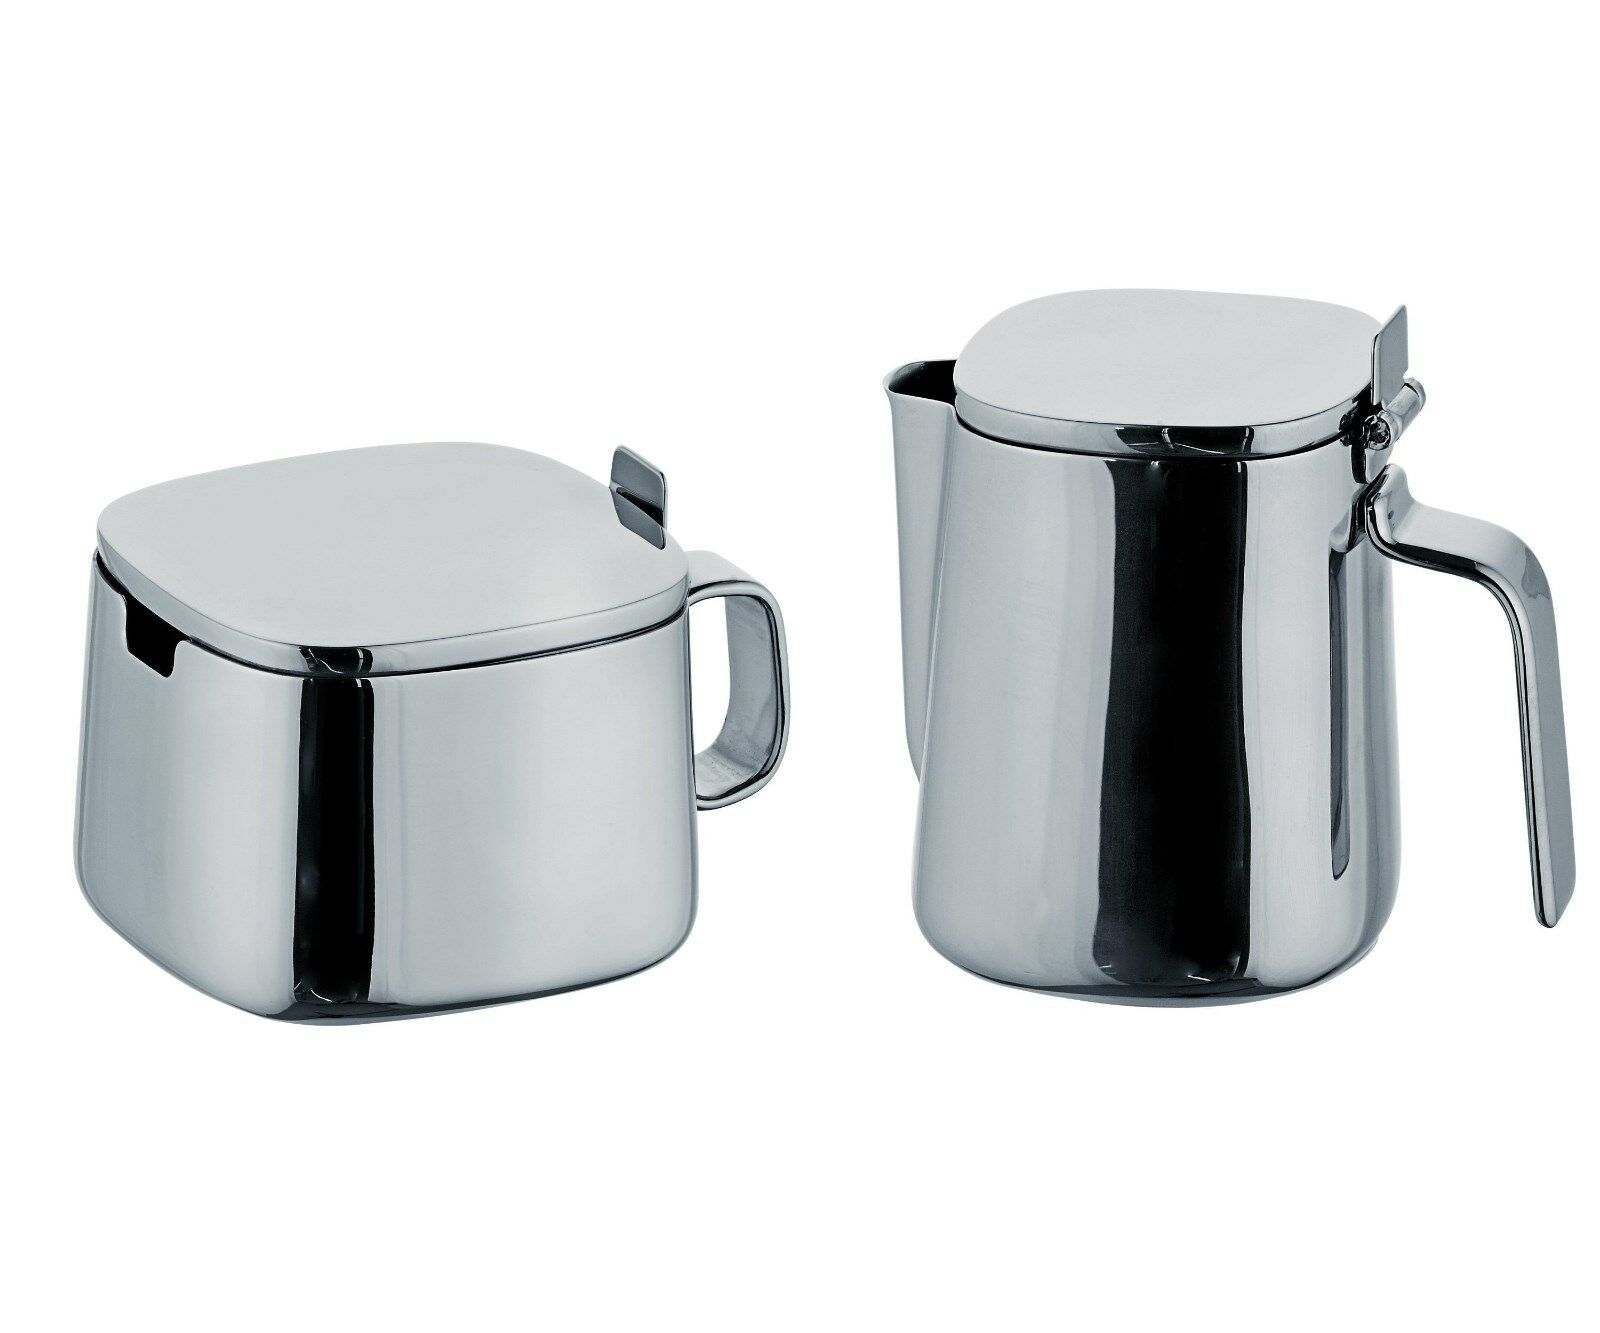 Alessi Kristiina Lassus Design Series En Acier Inoxydable Sugar bowl & Creamer Set